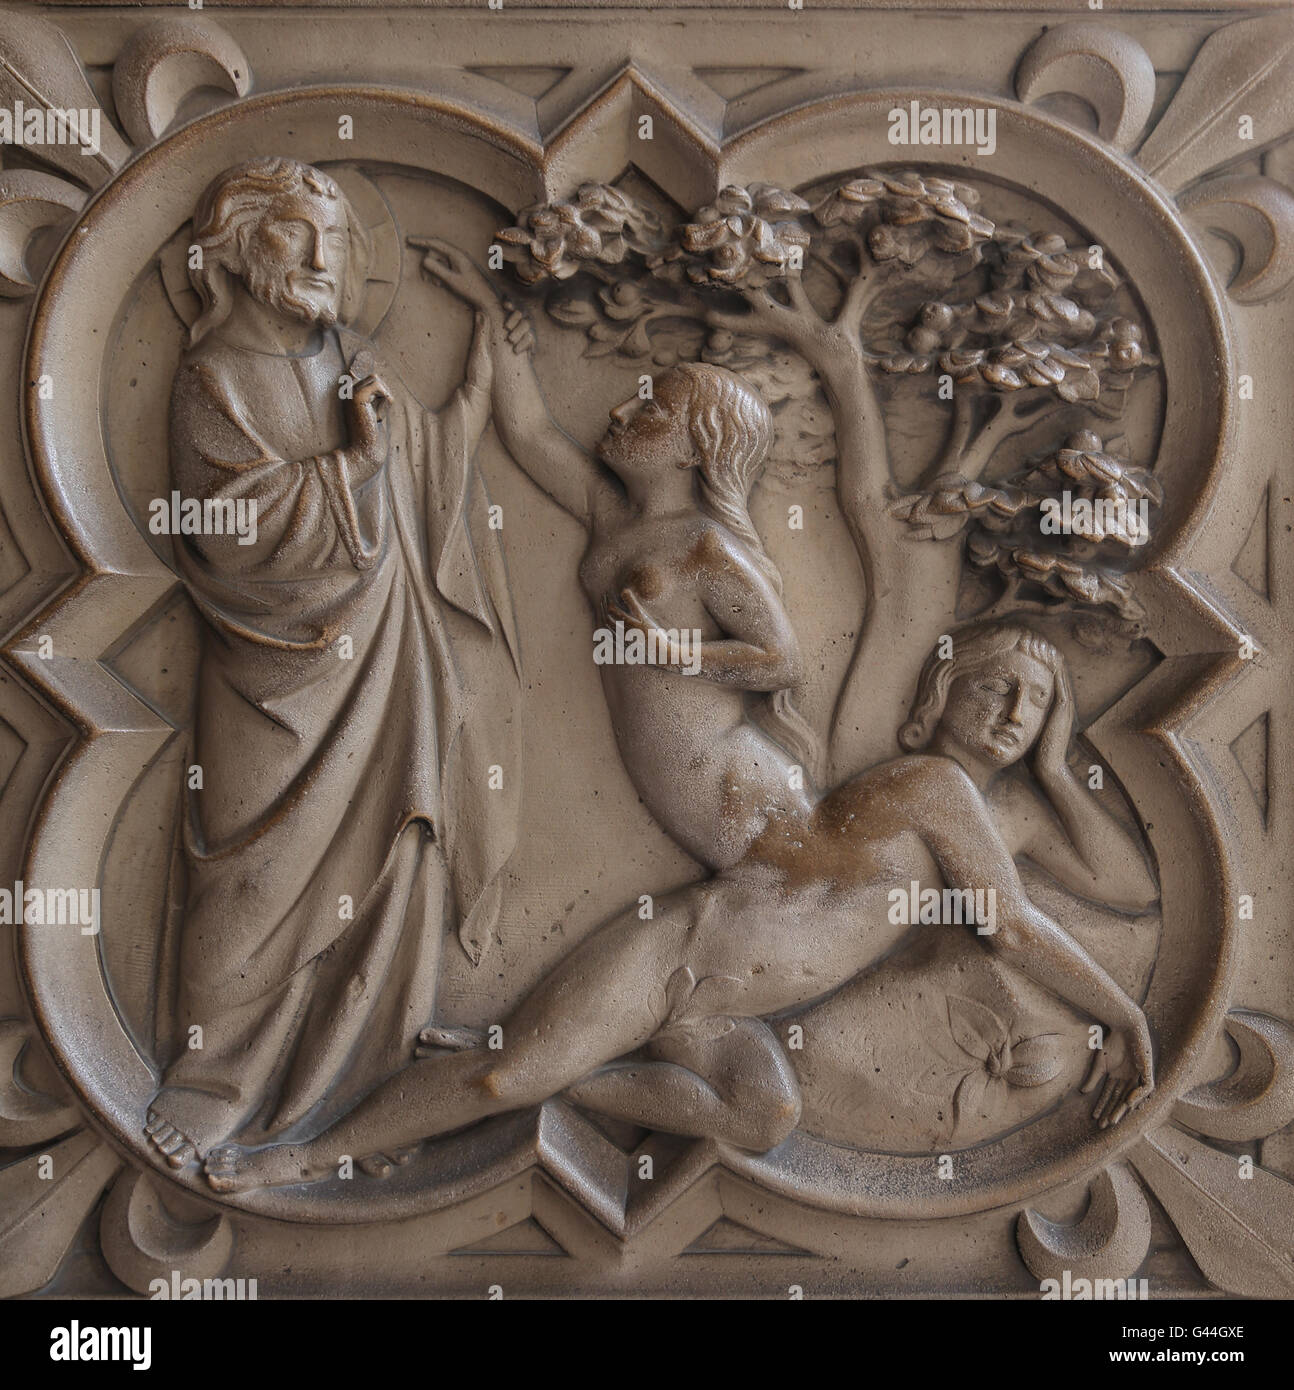 Création d'Ève. Le soulagement. La genèse. 13e c. La Sainte-Chapelle, Paris, France. Banque D'Images